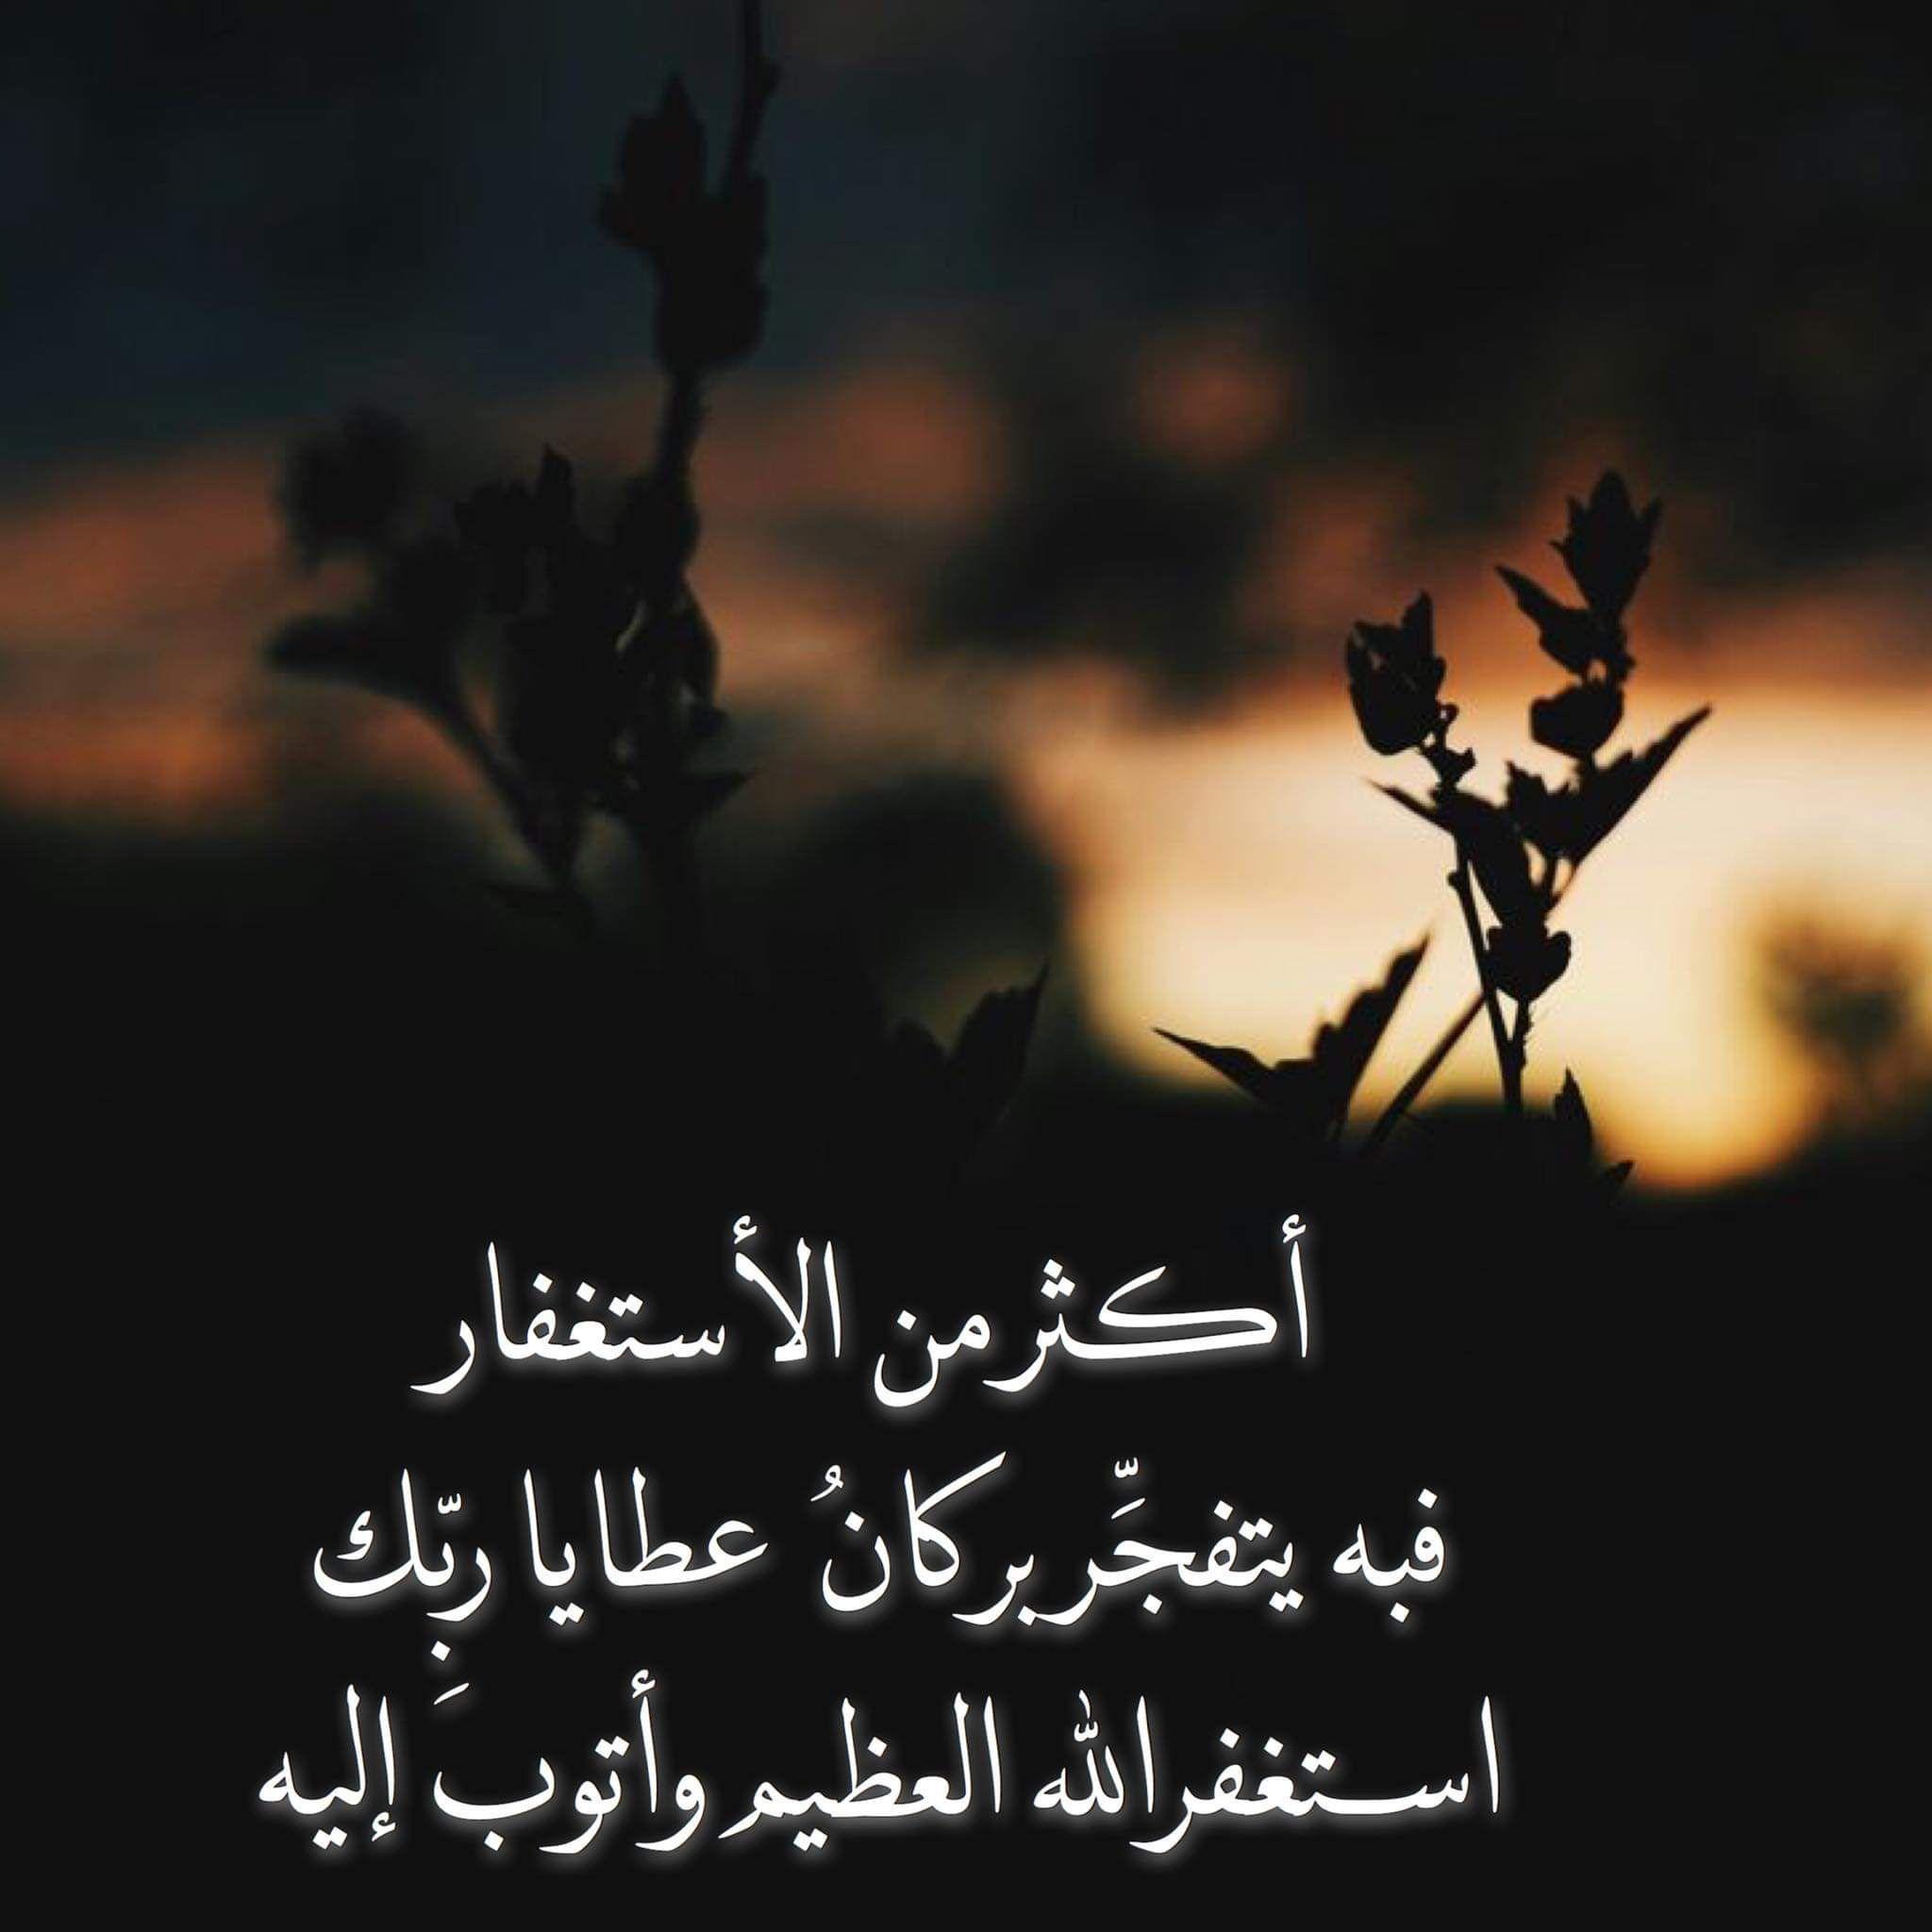 خواطر دينية رائعة فيس بوك Islamic Phrases Movie Posters Poster